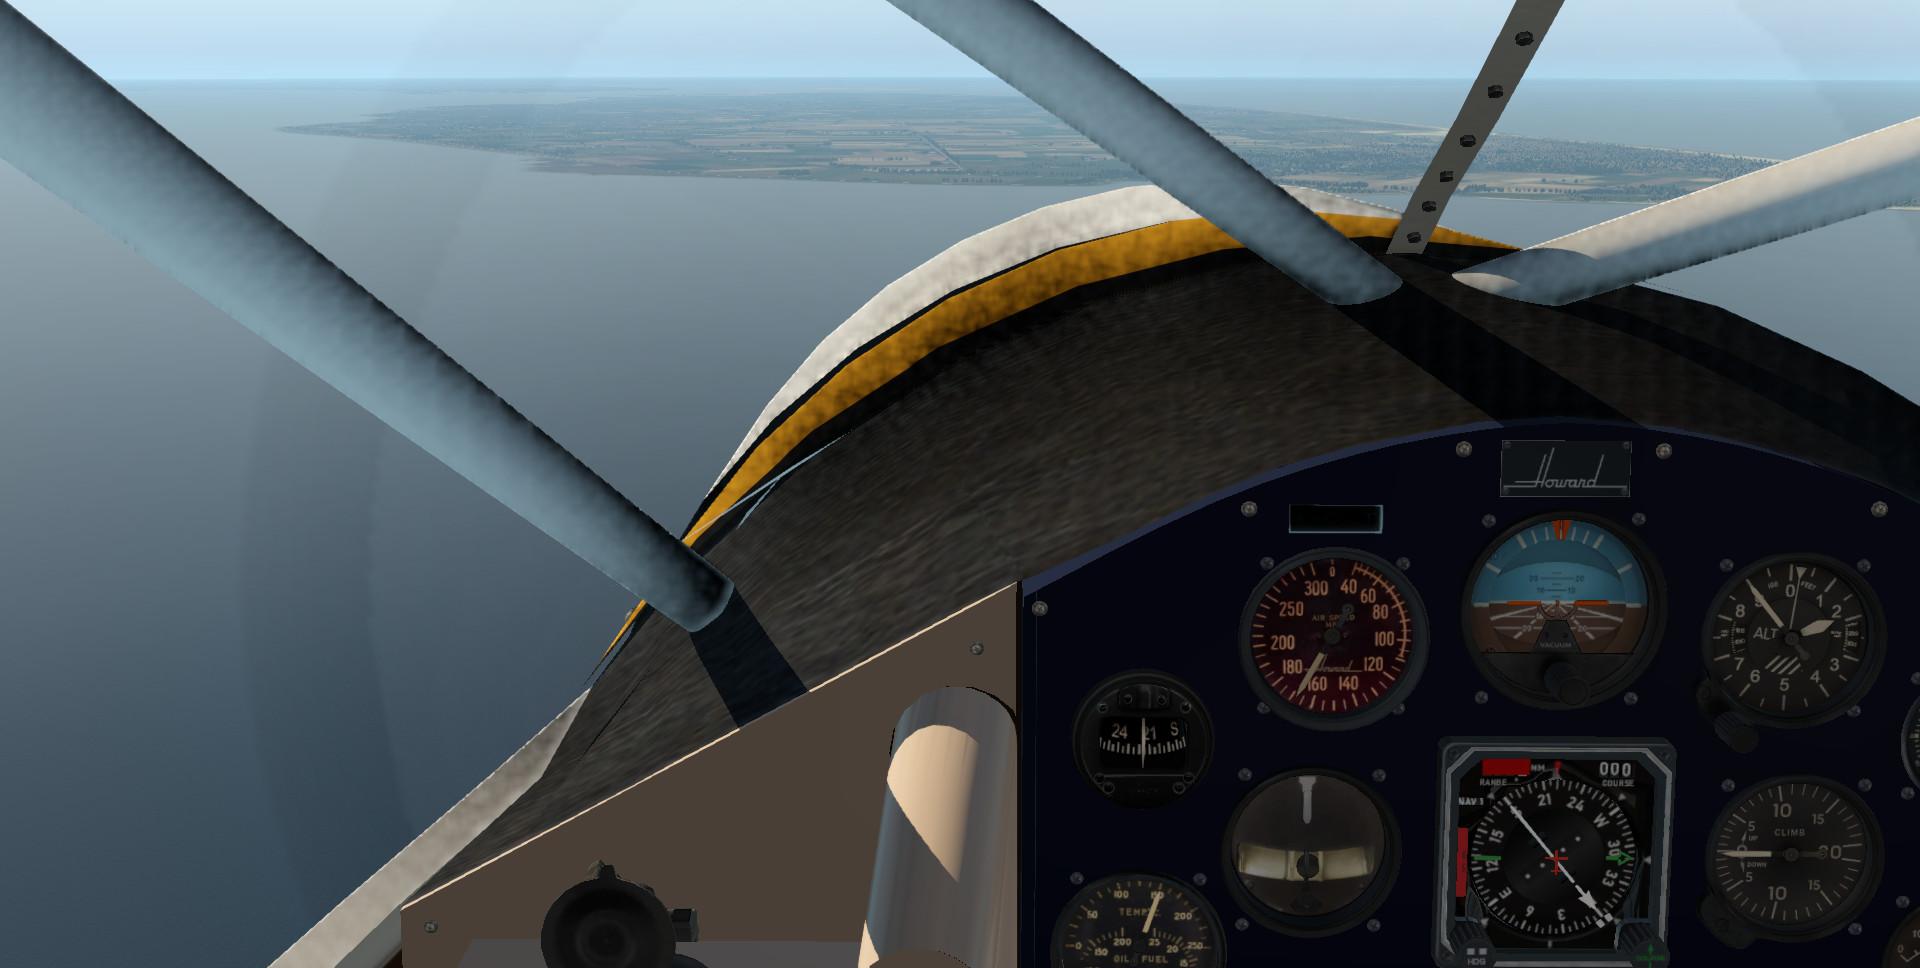 nordseerundflug-035v9k5e.jpg